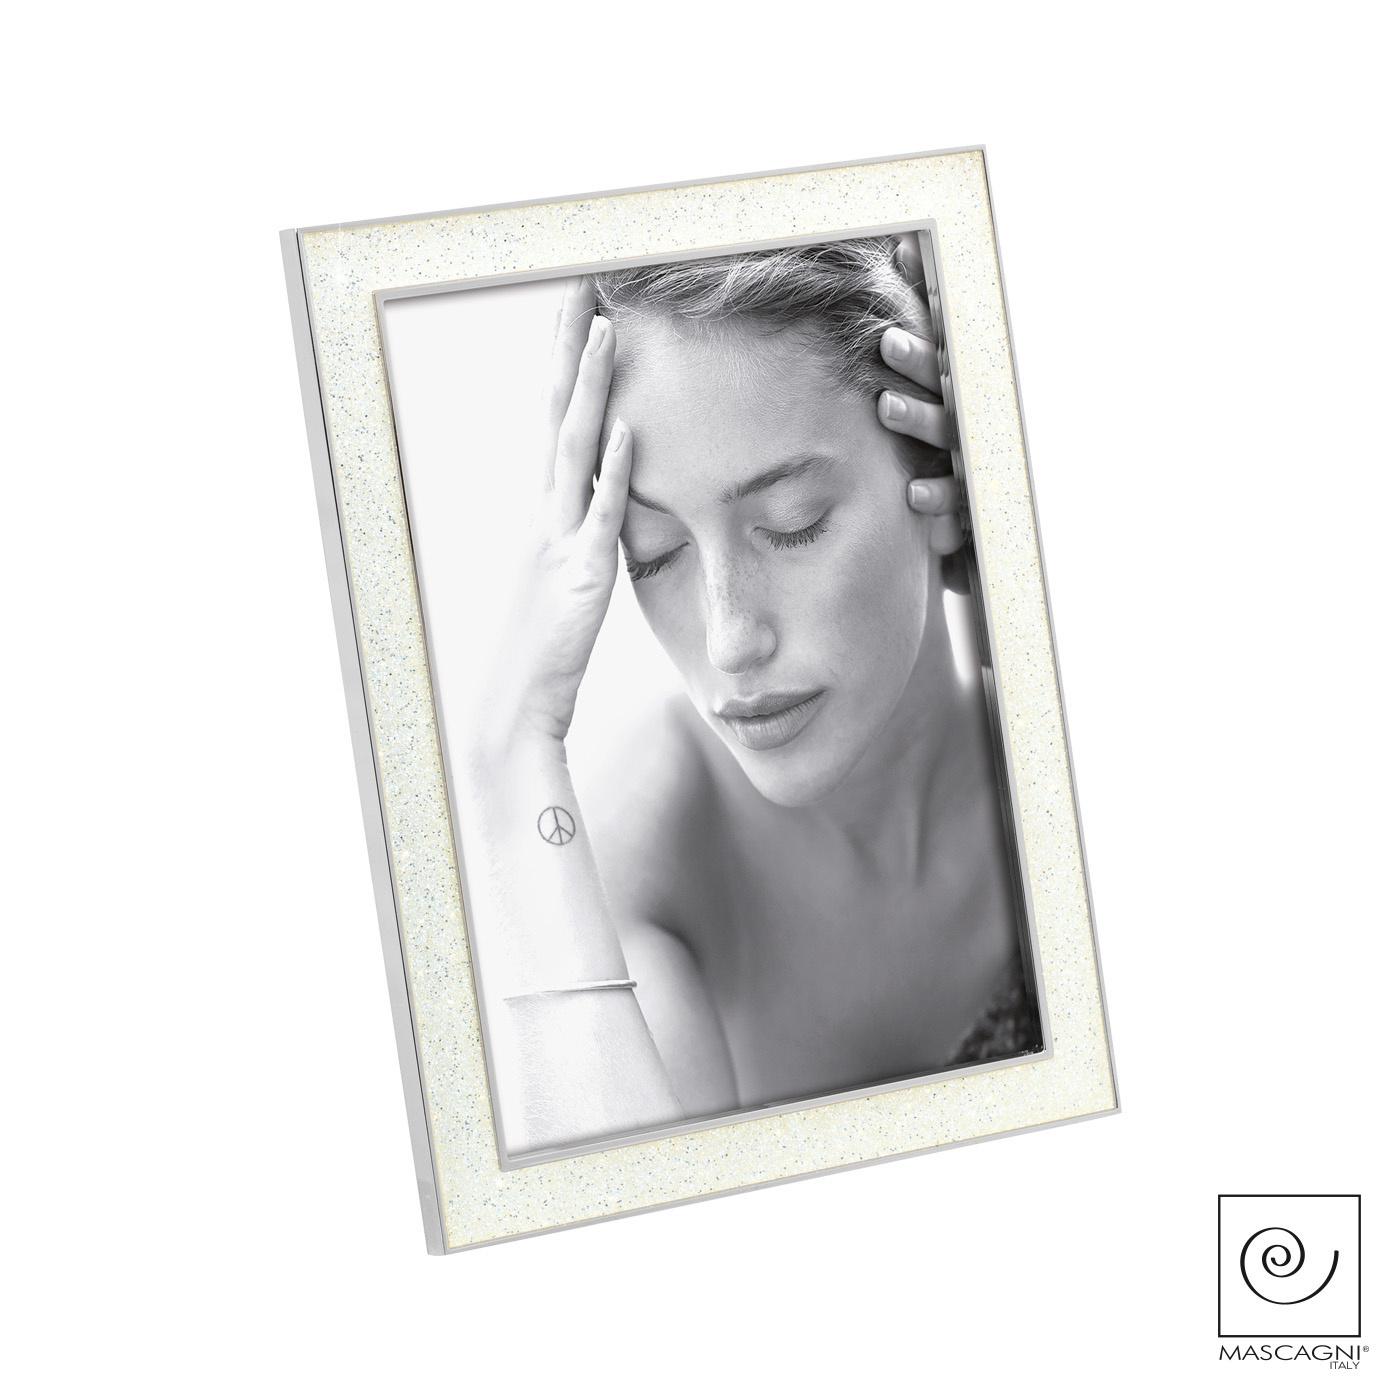 Art Mascagni A905 PHOTO FRAME 10X15 - COL.WHITE